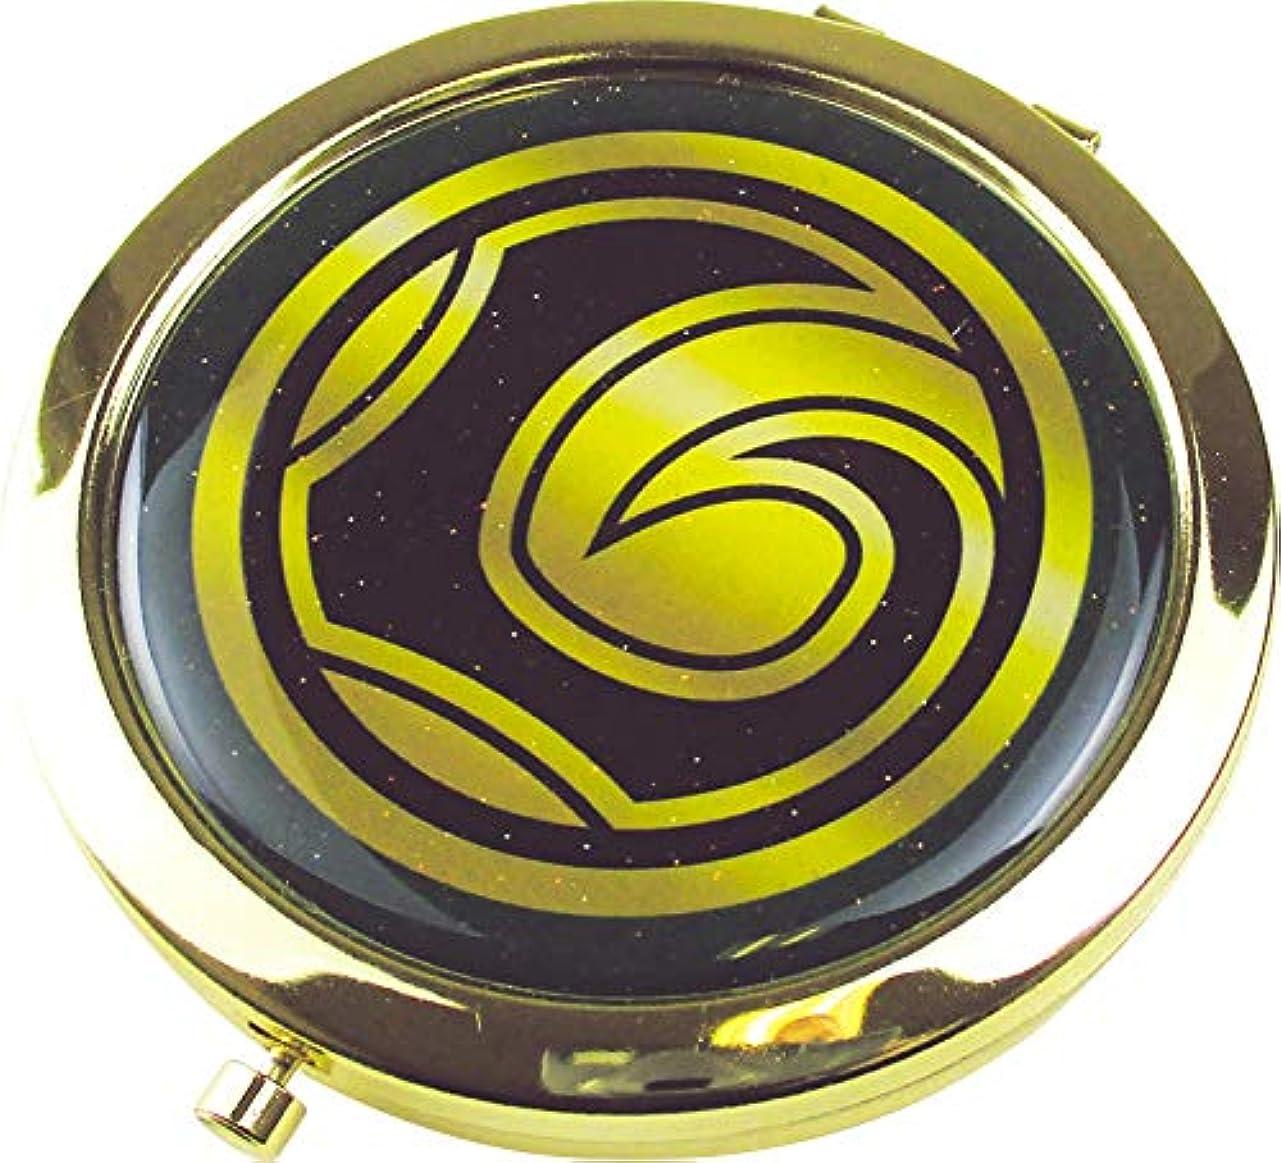 領事館マネージャーストレージティーズファクトリー ロキ 6.6×6.6×0.8cm マーベル Wコンパクトミラー MV-5537085LK